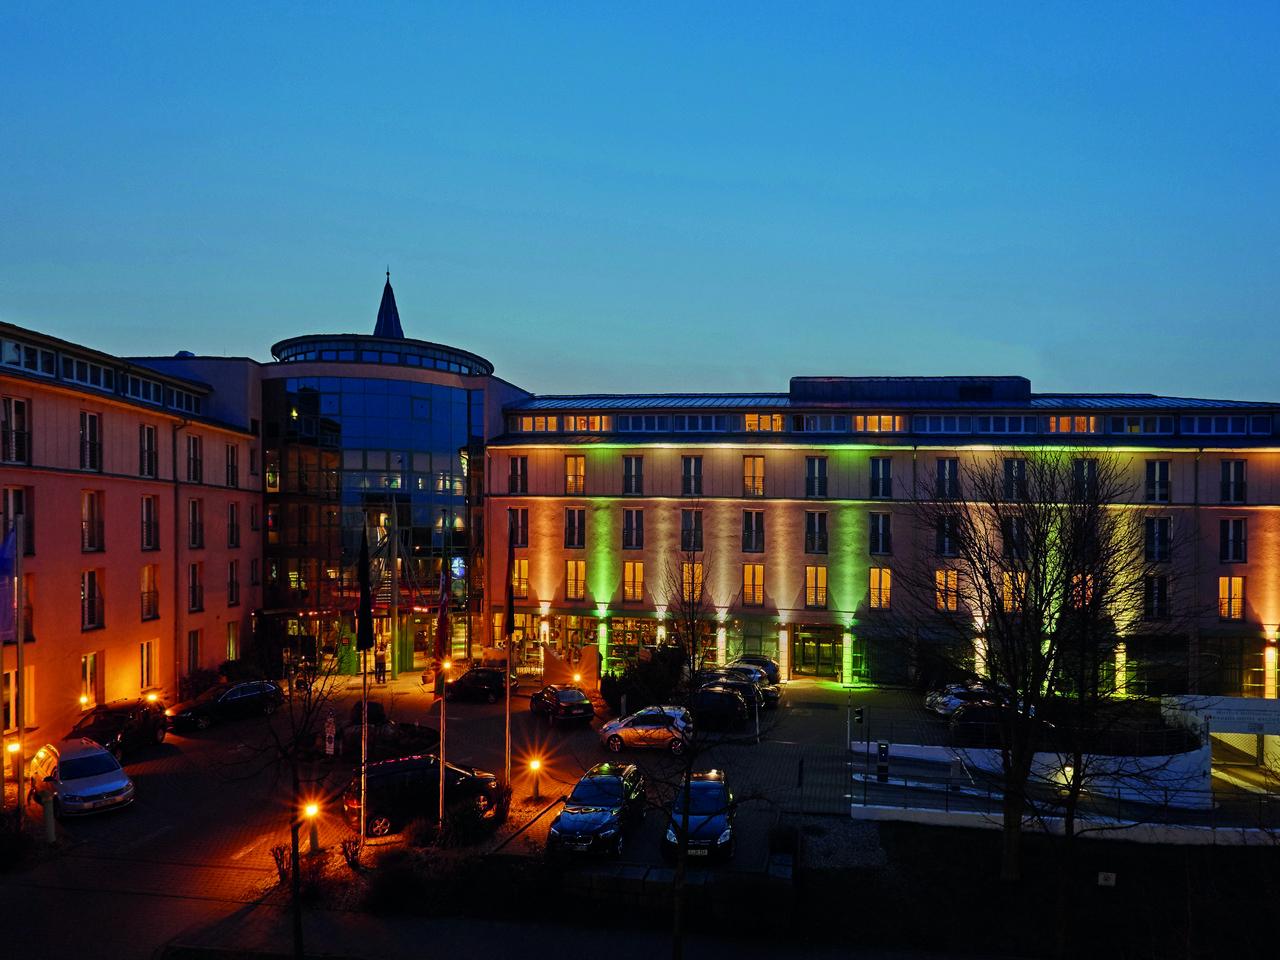 Härtel Magdeburg